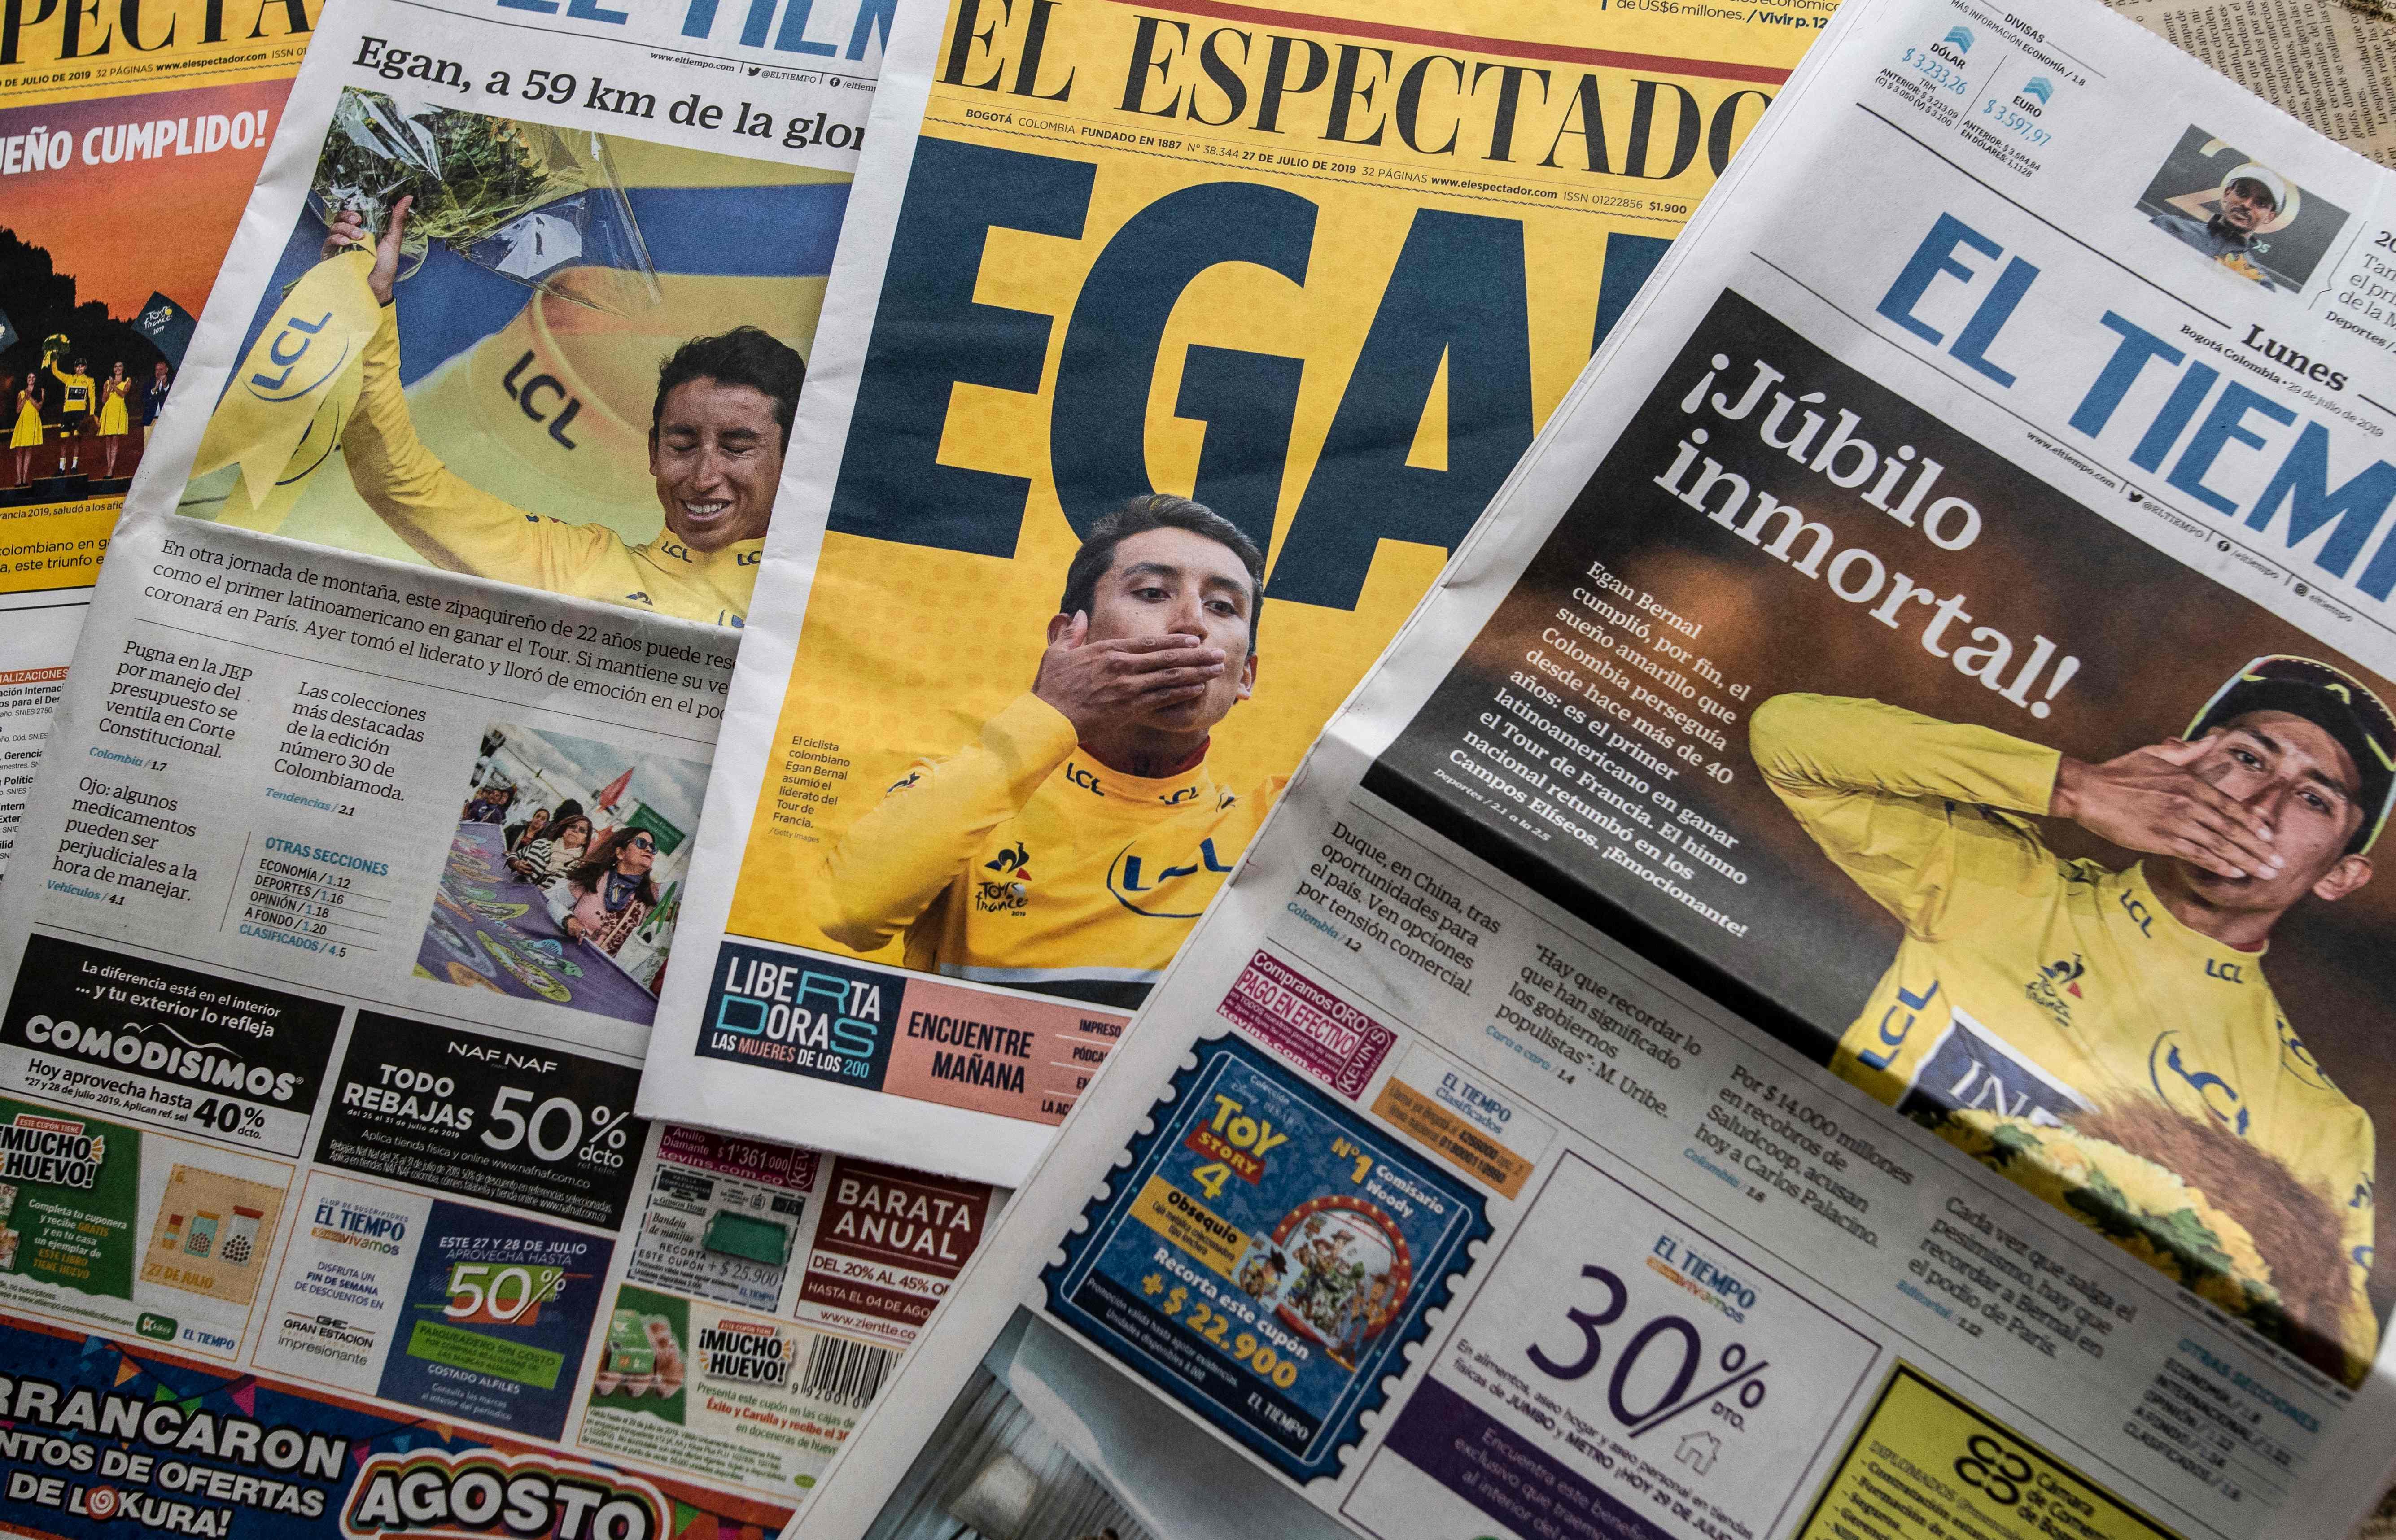 Cyclisme - Tour de France - Bogota et la Colombie en fête aux temps du Maillot jaune